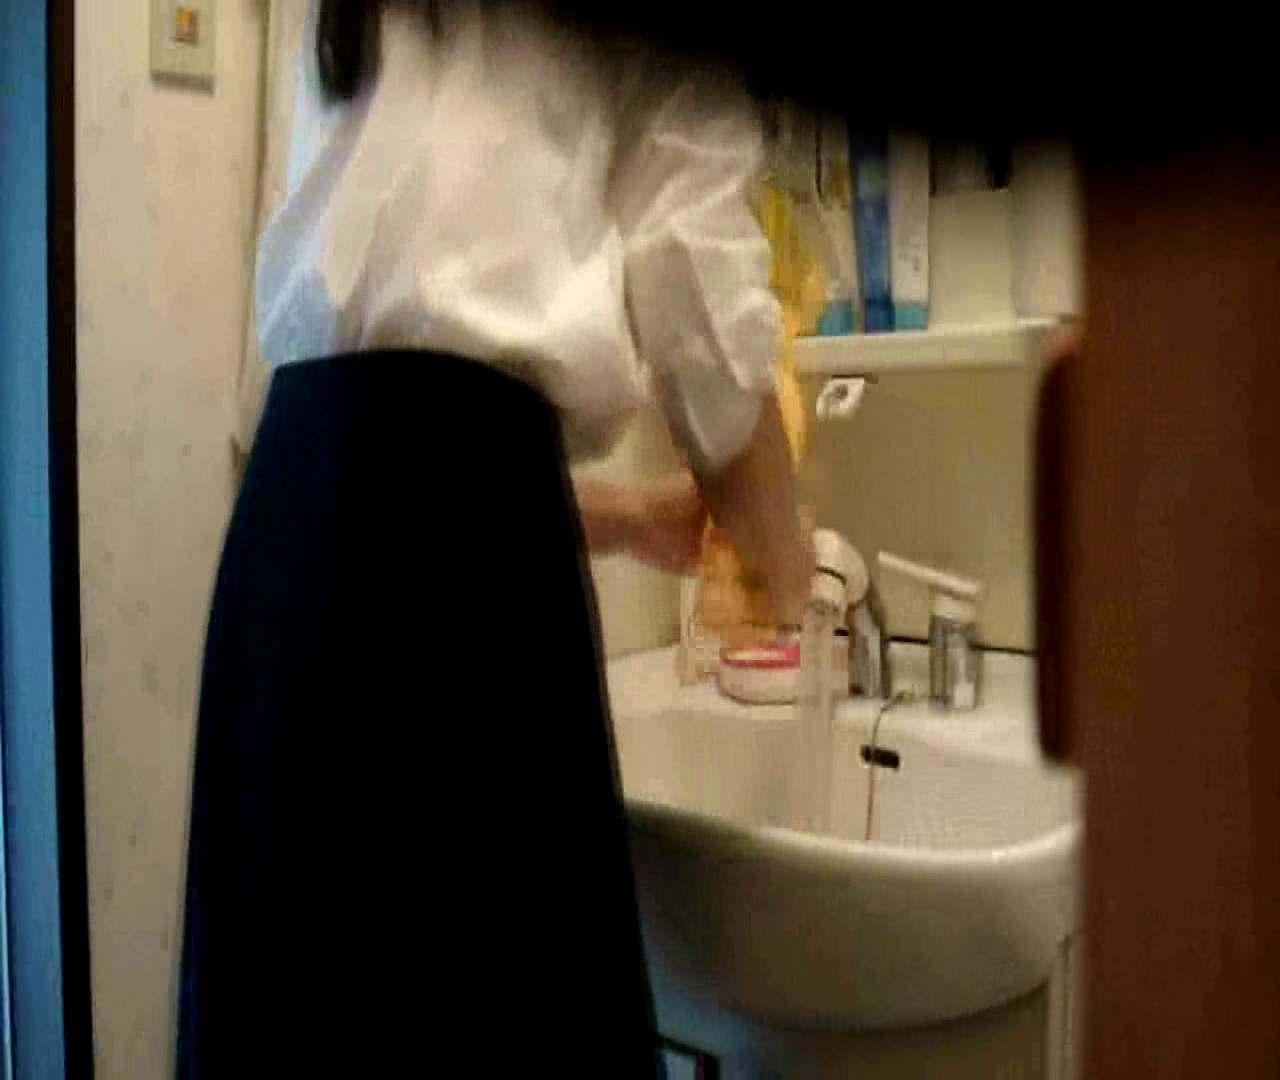 二人とも育てた甲斐がありました… vol.05 まどかが洗顔後にブラを洗濯 HなOL | 0  98pic 71